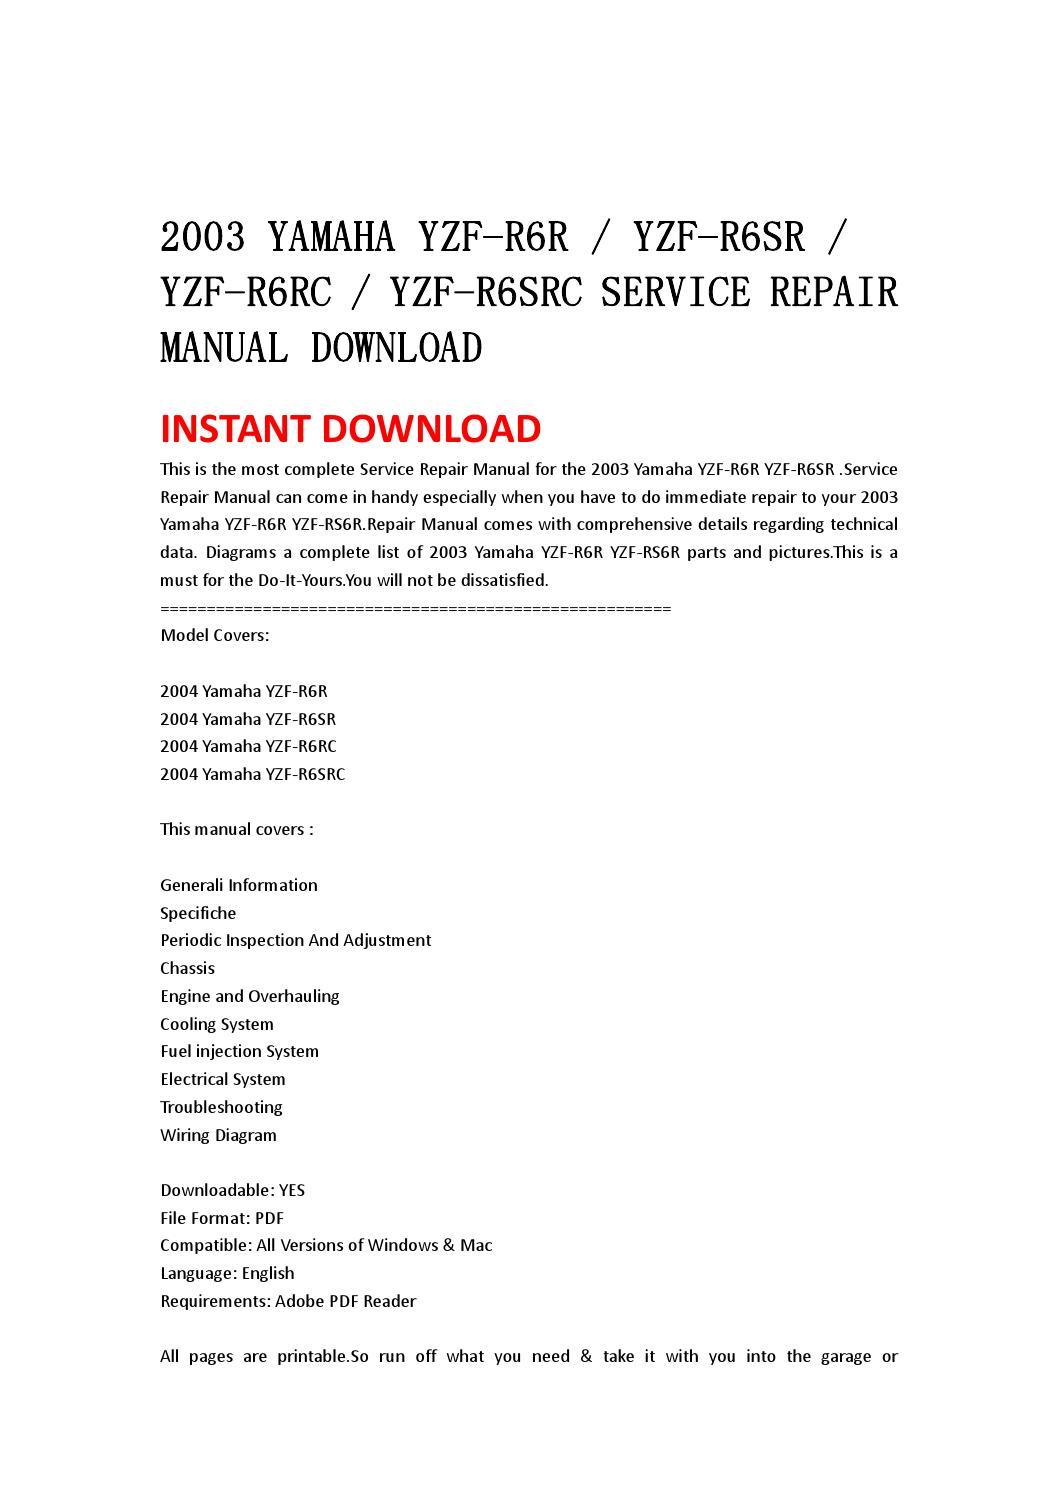 yamaha yzf rr yzf rsr yzf rrc yzf rsrc service repair 2003 yamaha yzf r6r yzf r6sr yzf r6rc yzf r6src service repair manual by jhsefjnse34 issuu